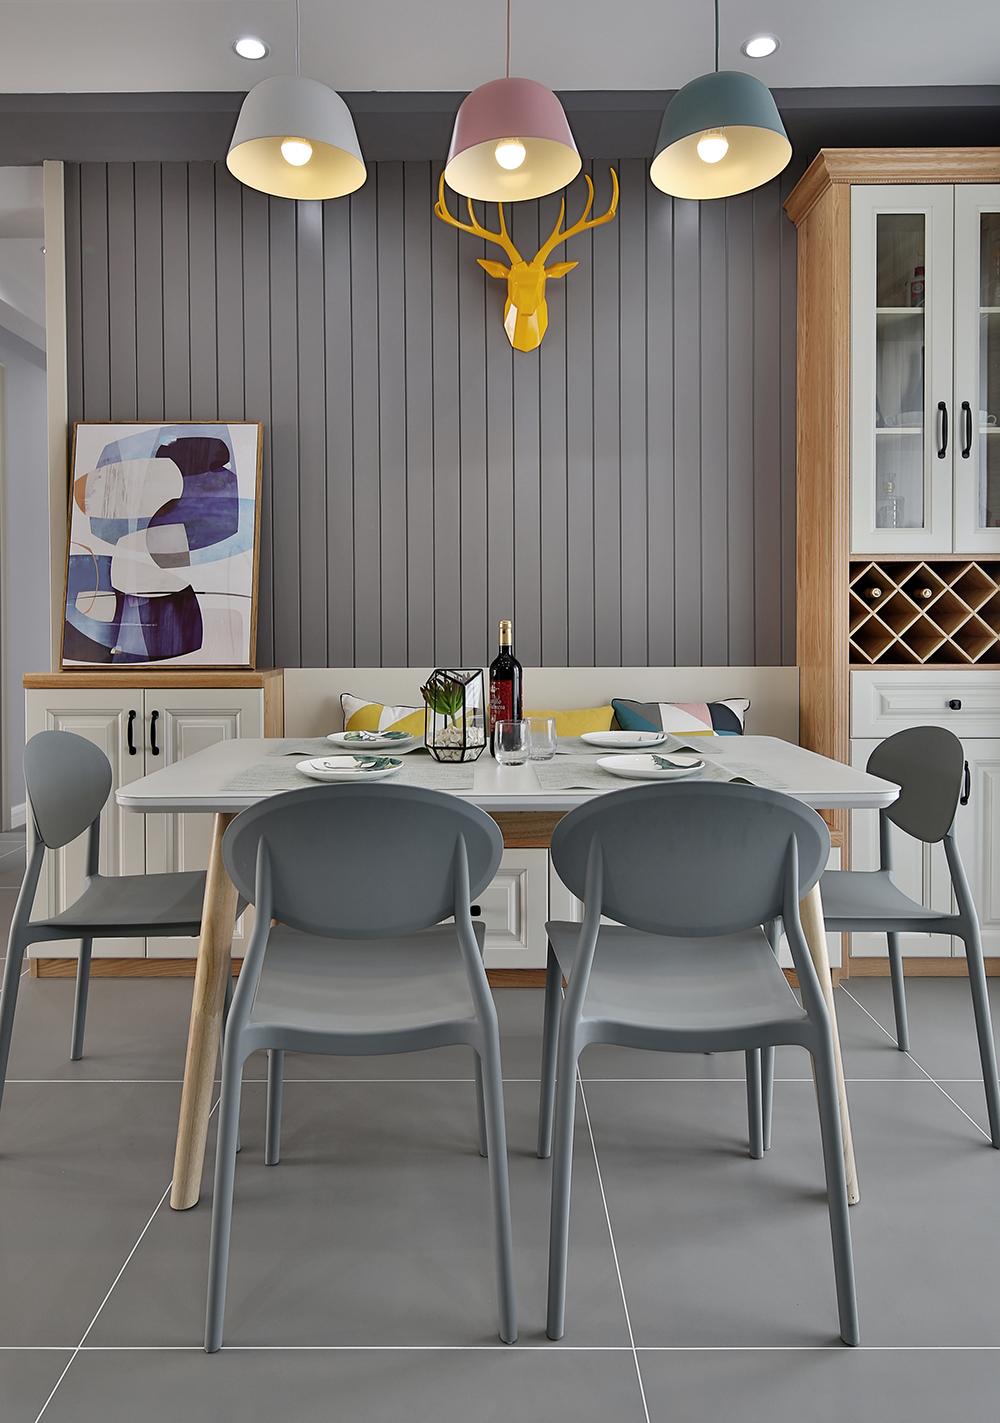 86㎡北欧风格餐厅装修效果图